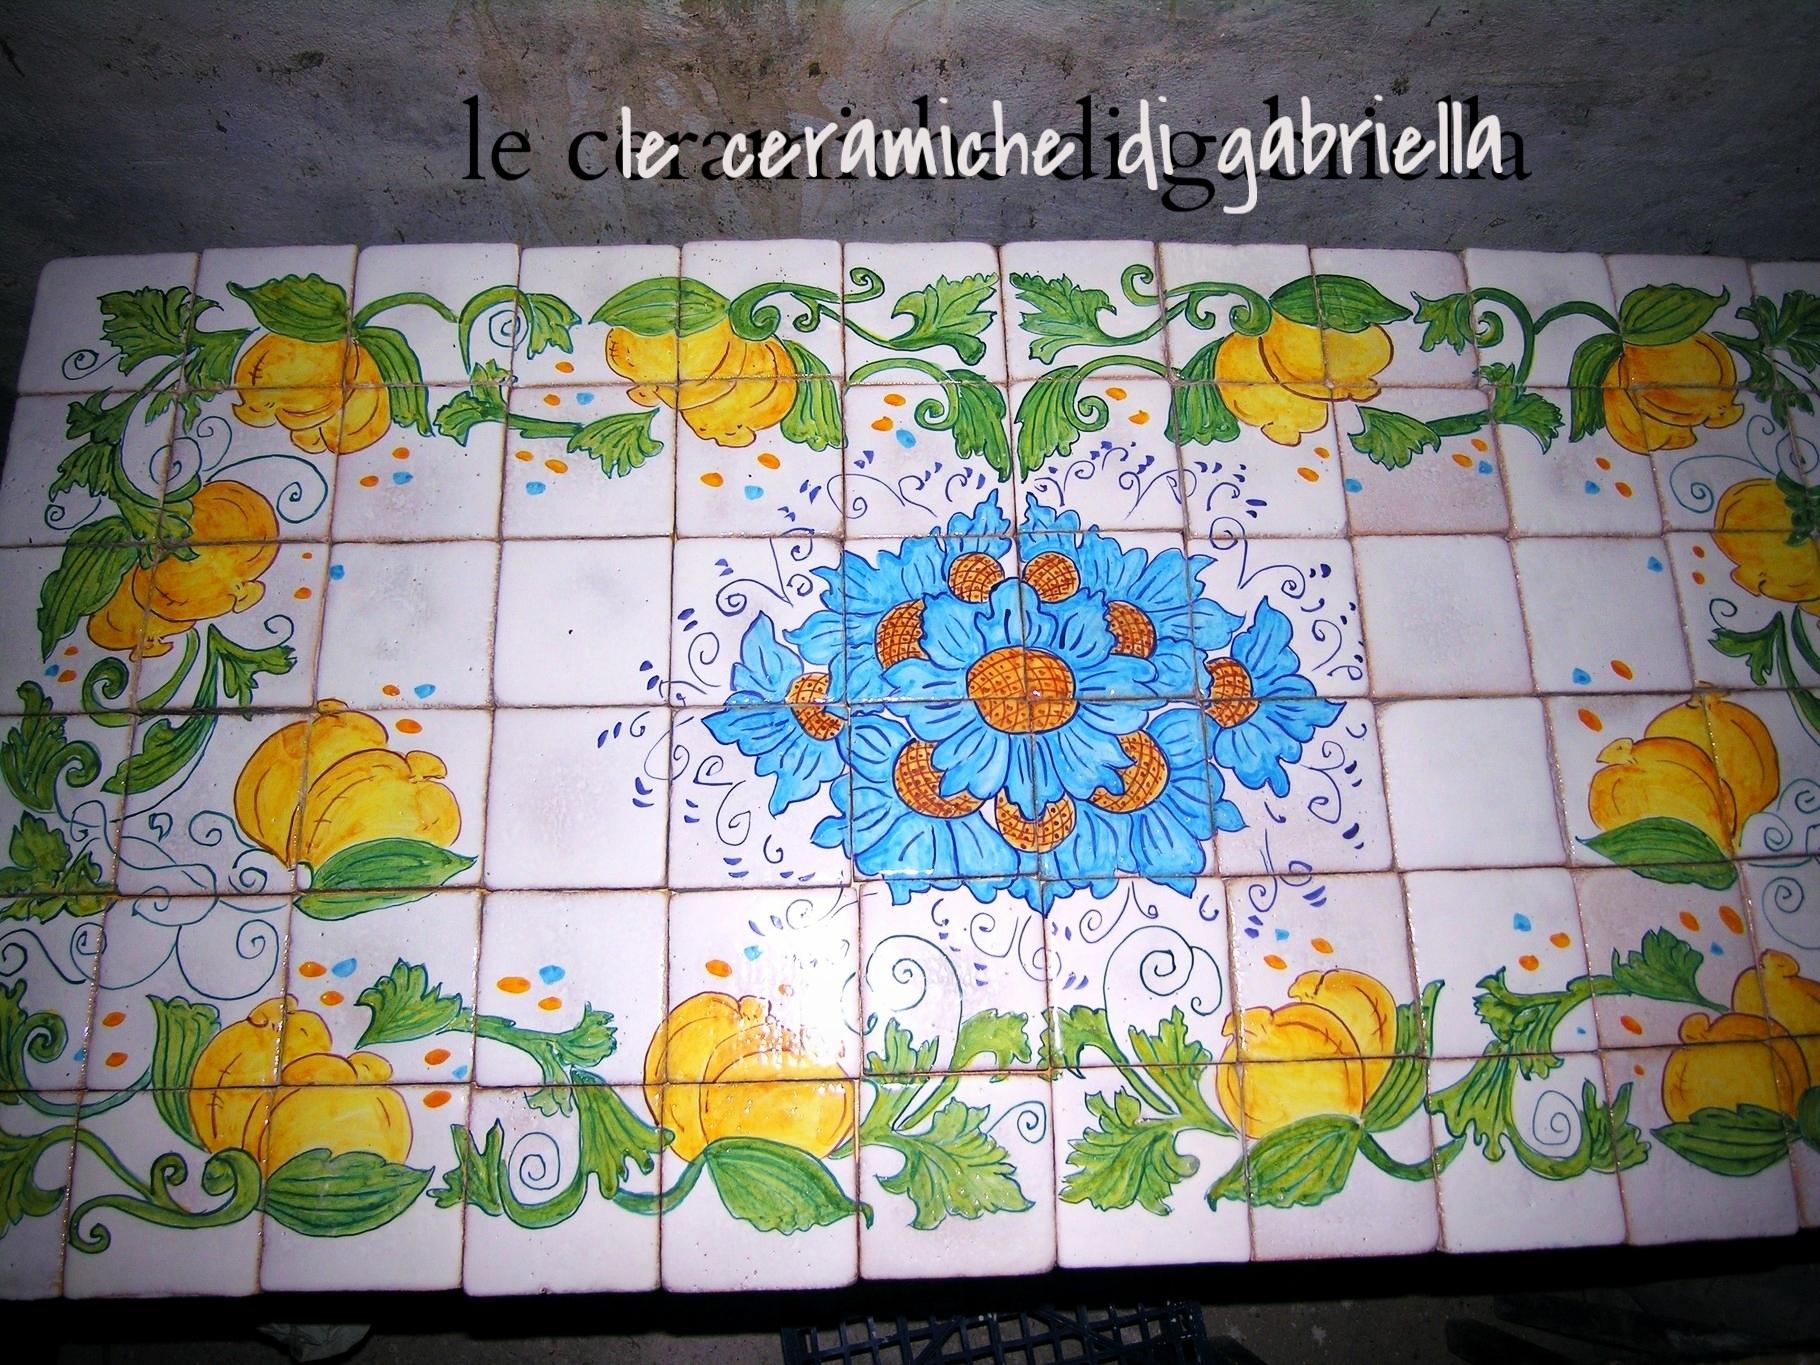 Pannelli 2 pannelli in ceramica artistica maiolica pannelli per cucina ristoranti - Pomelli ceramica per cucina ...